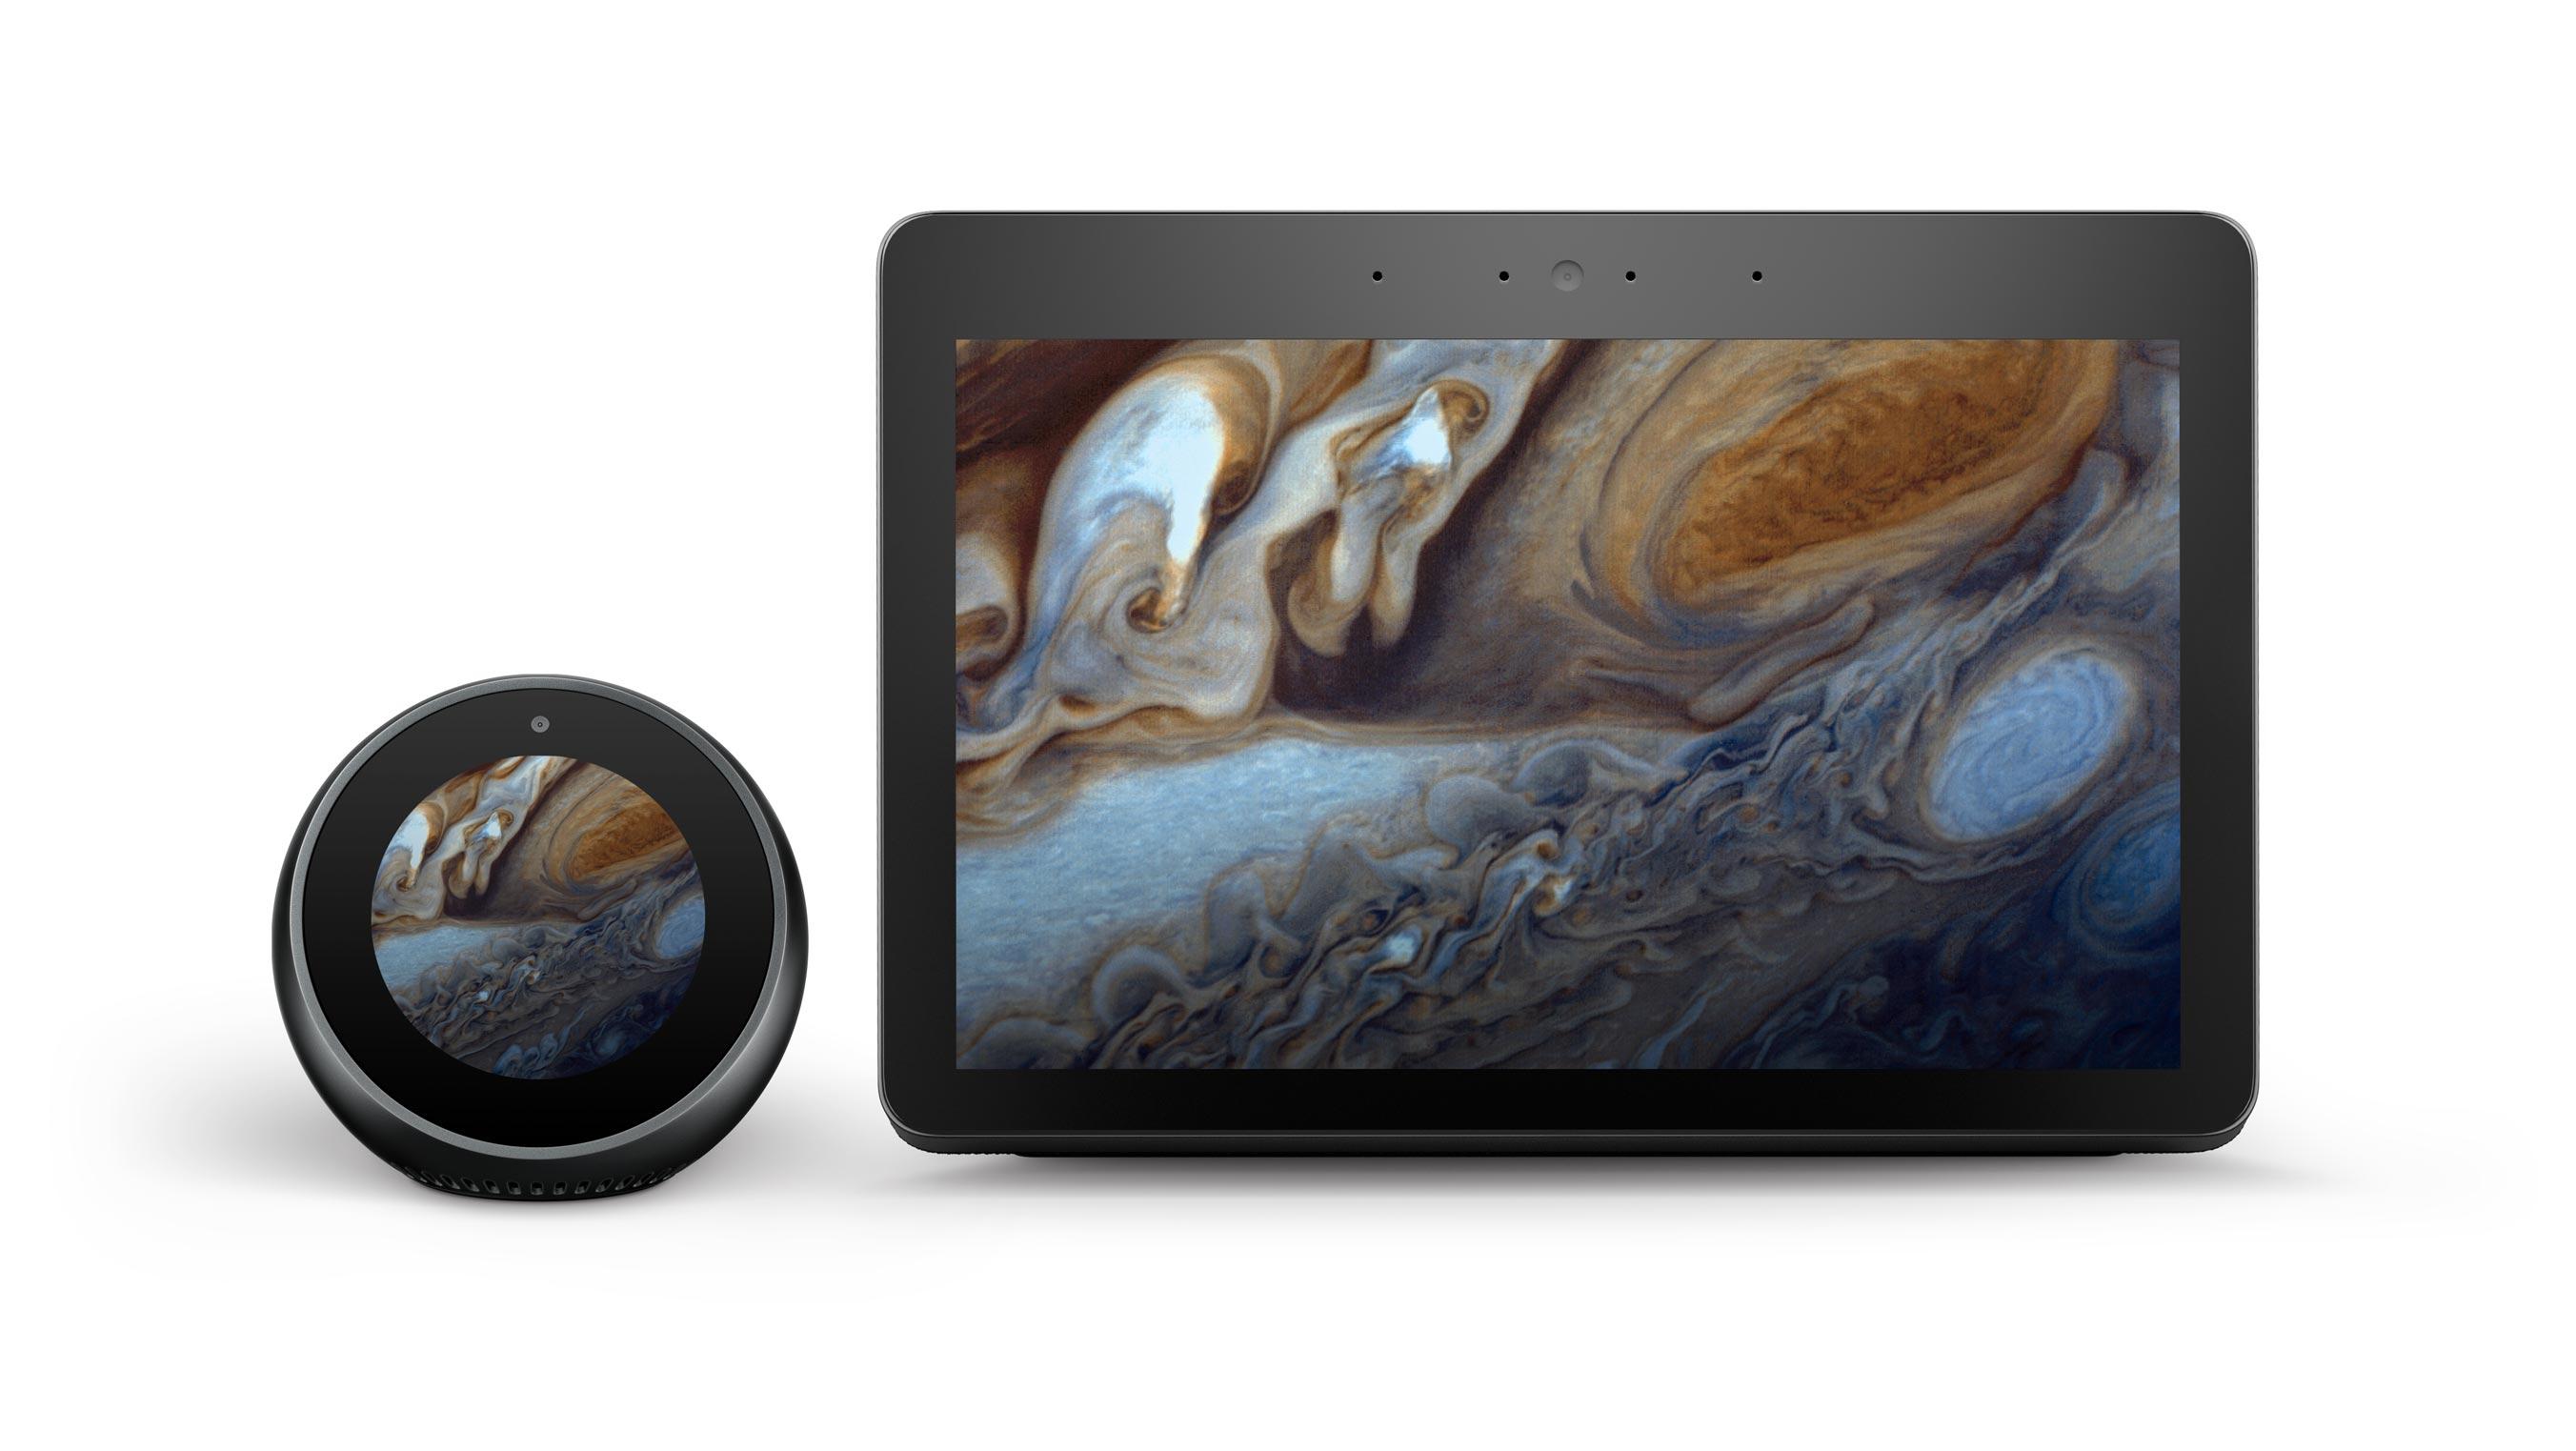 2台のハブデバイスでNASAの木星の画像に下から上のグラデーションオーバーレイを適用した例です。画面上にテキストなどのほかの要素はありません。